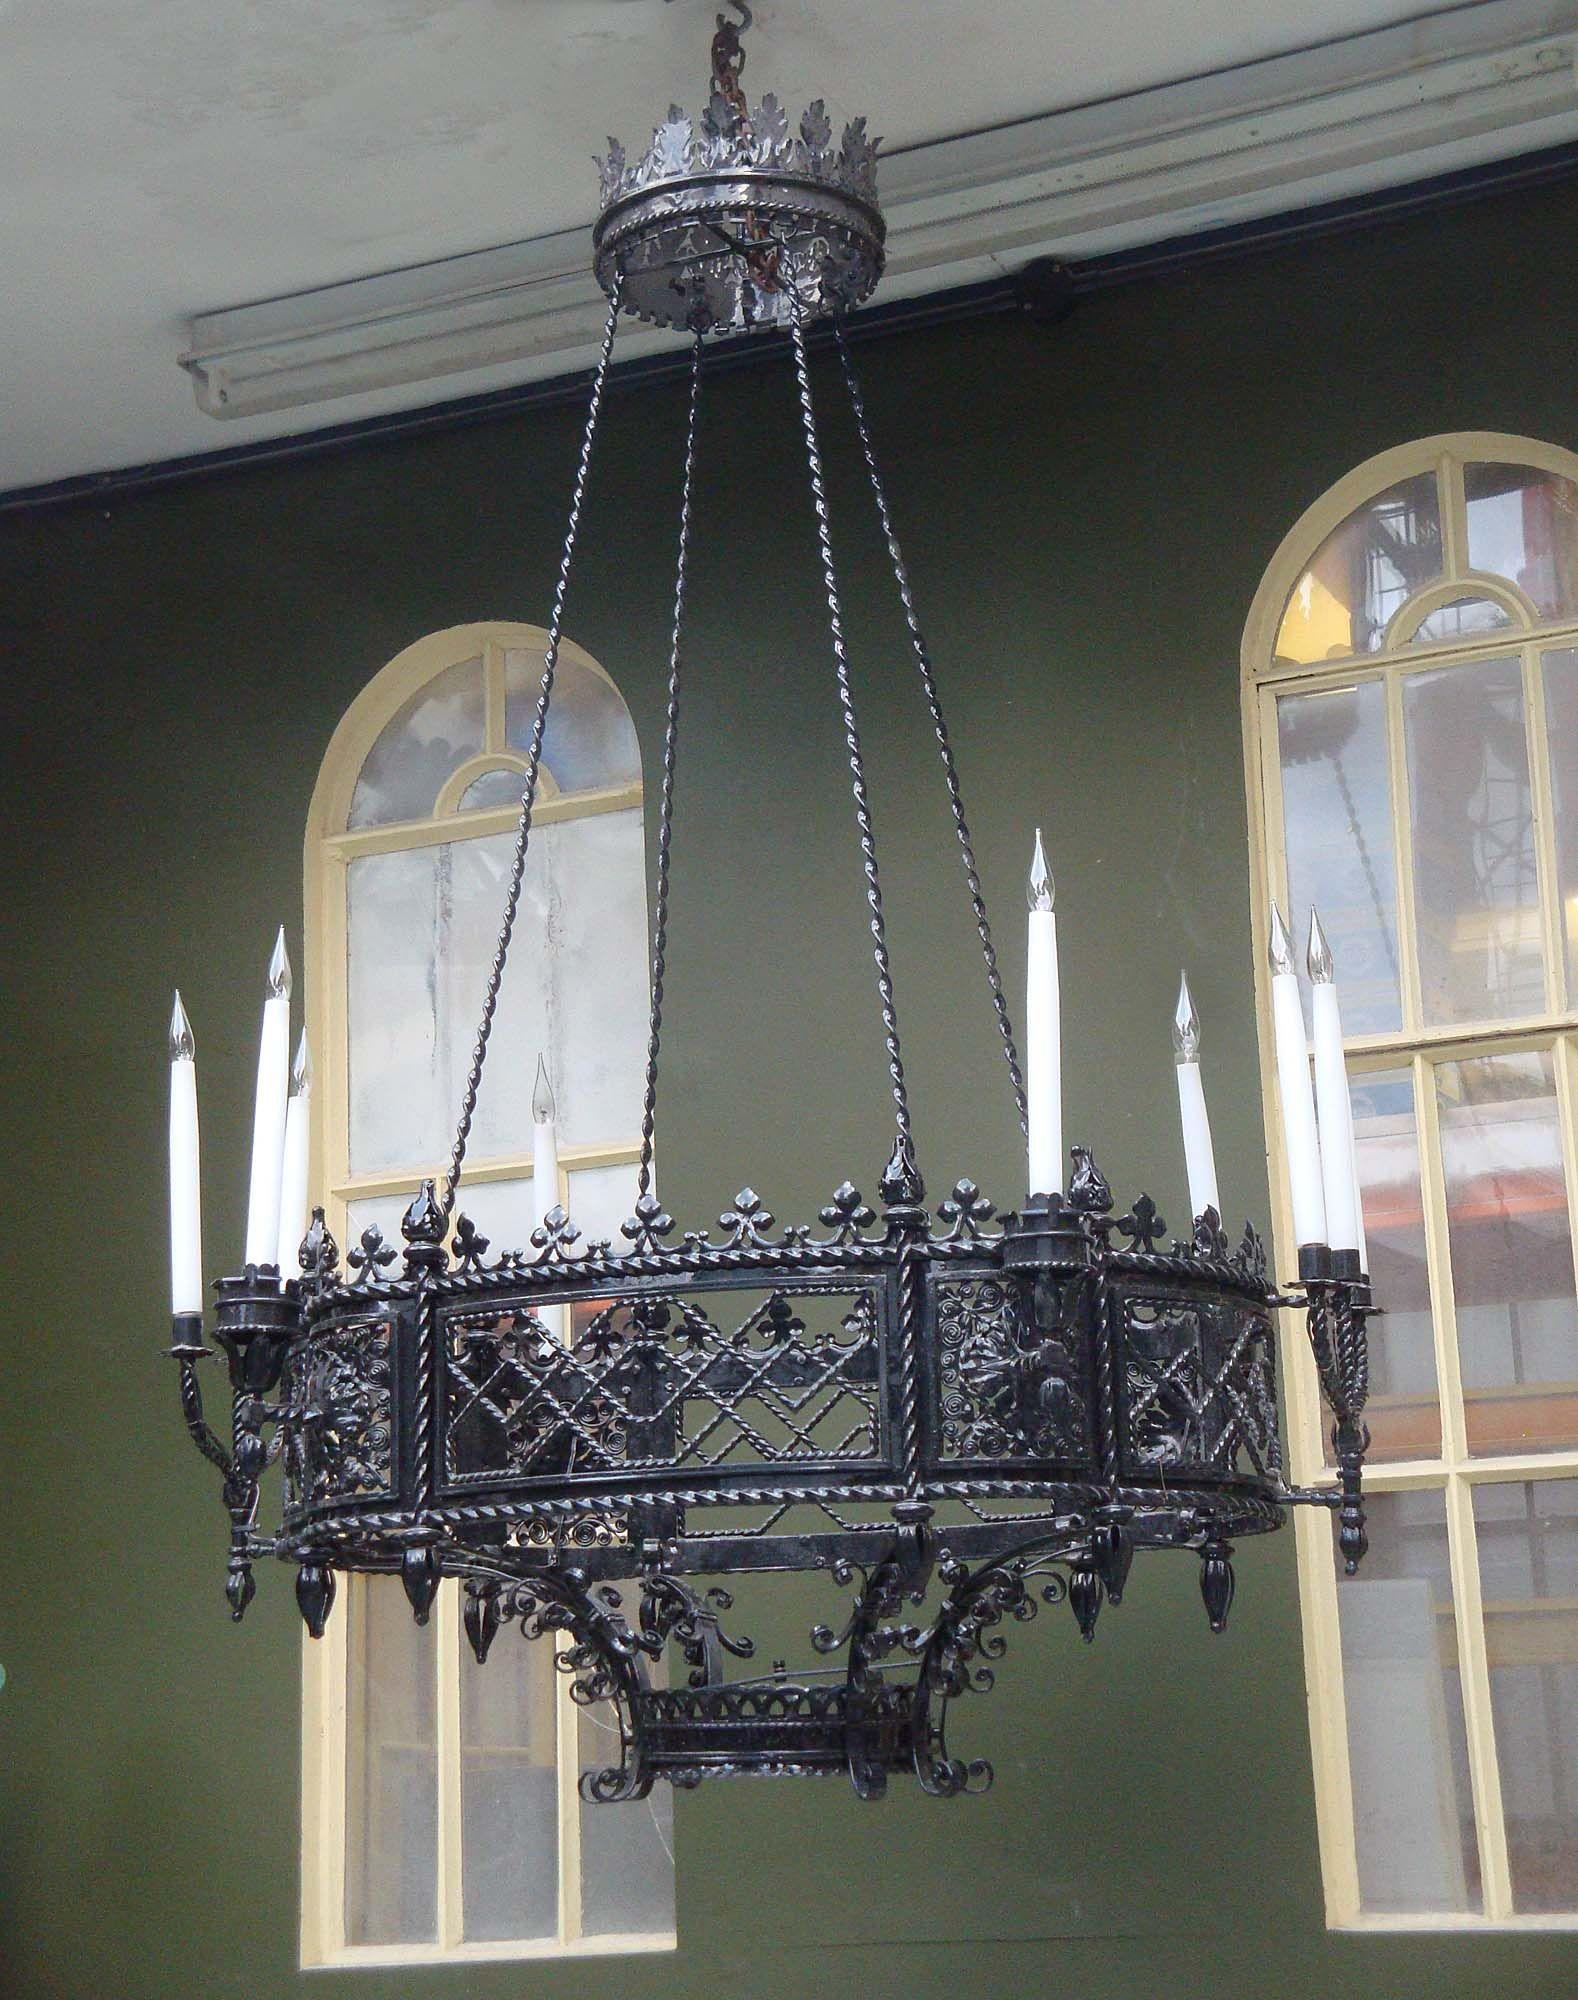 Antique Gothic Revival Iron Chandelier - Antique Gothic Revival Iron Chandelier Gothic Rooms And Decor